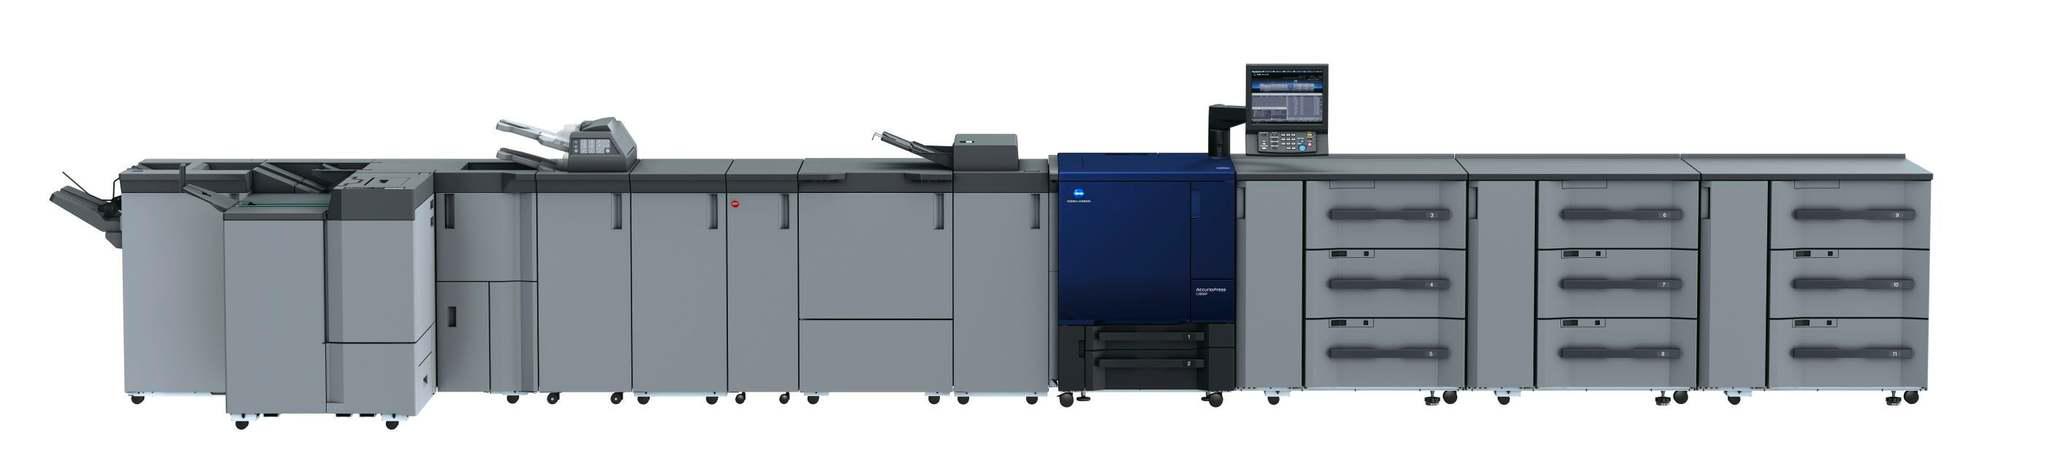 Profesjonalne urządzenie drukujące Konica Minolta accurio press c3080p